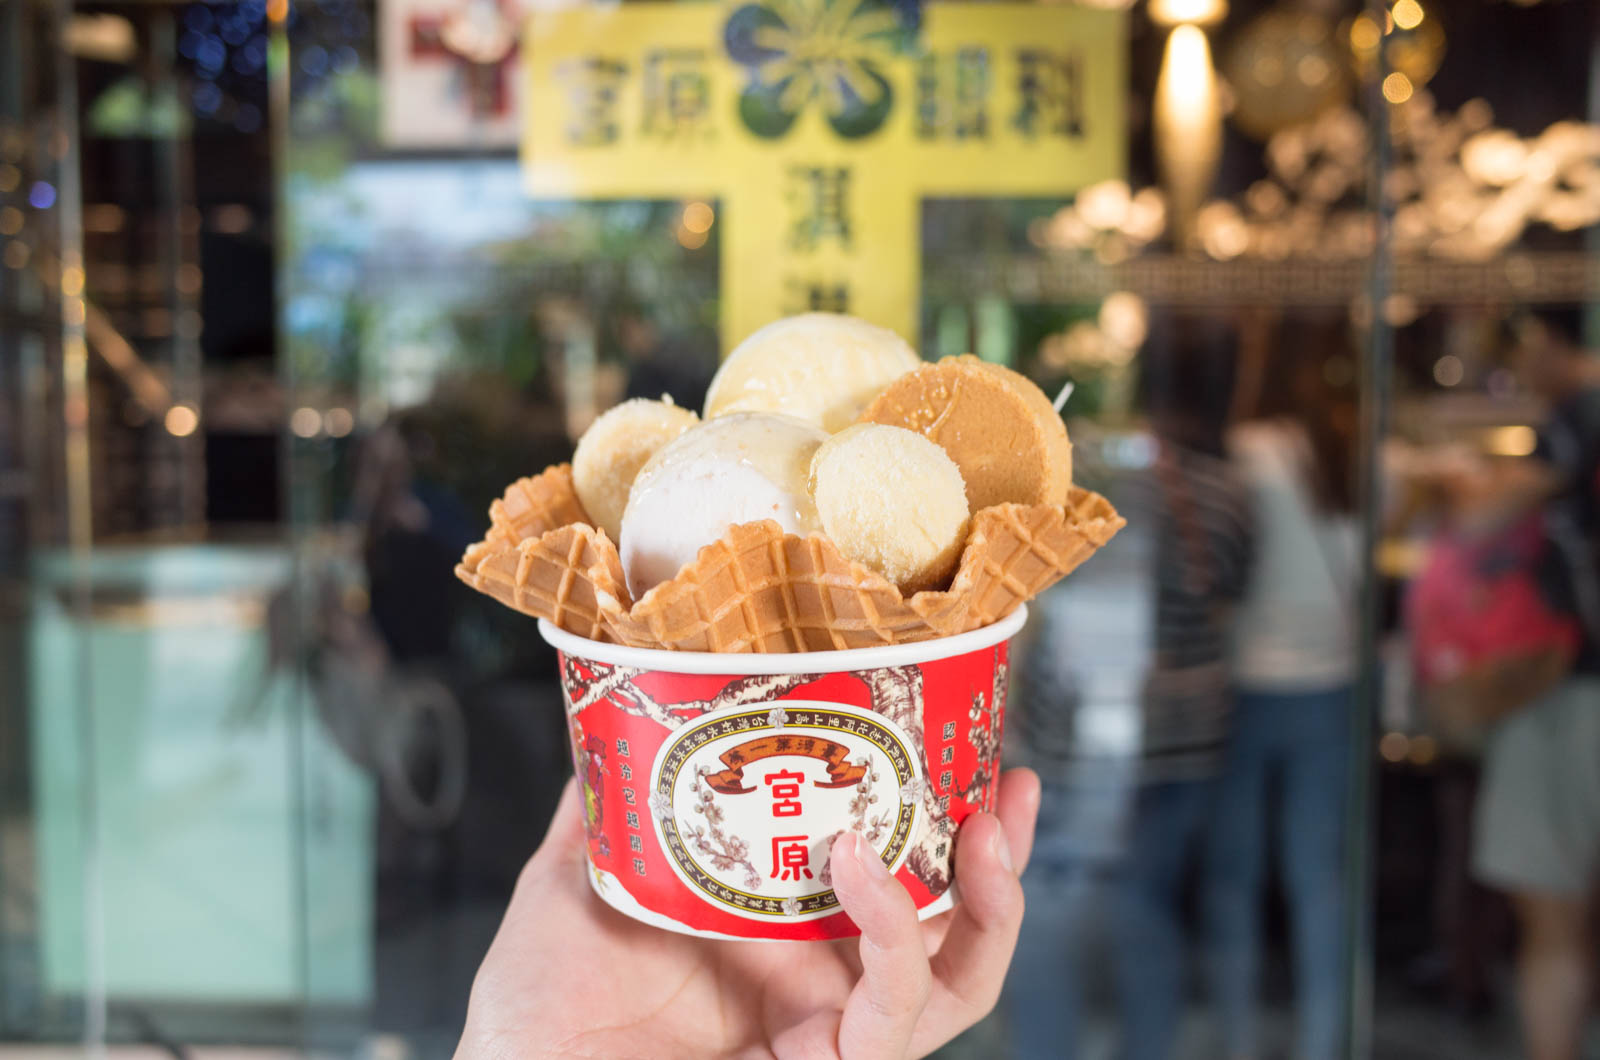 買ったアイス